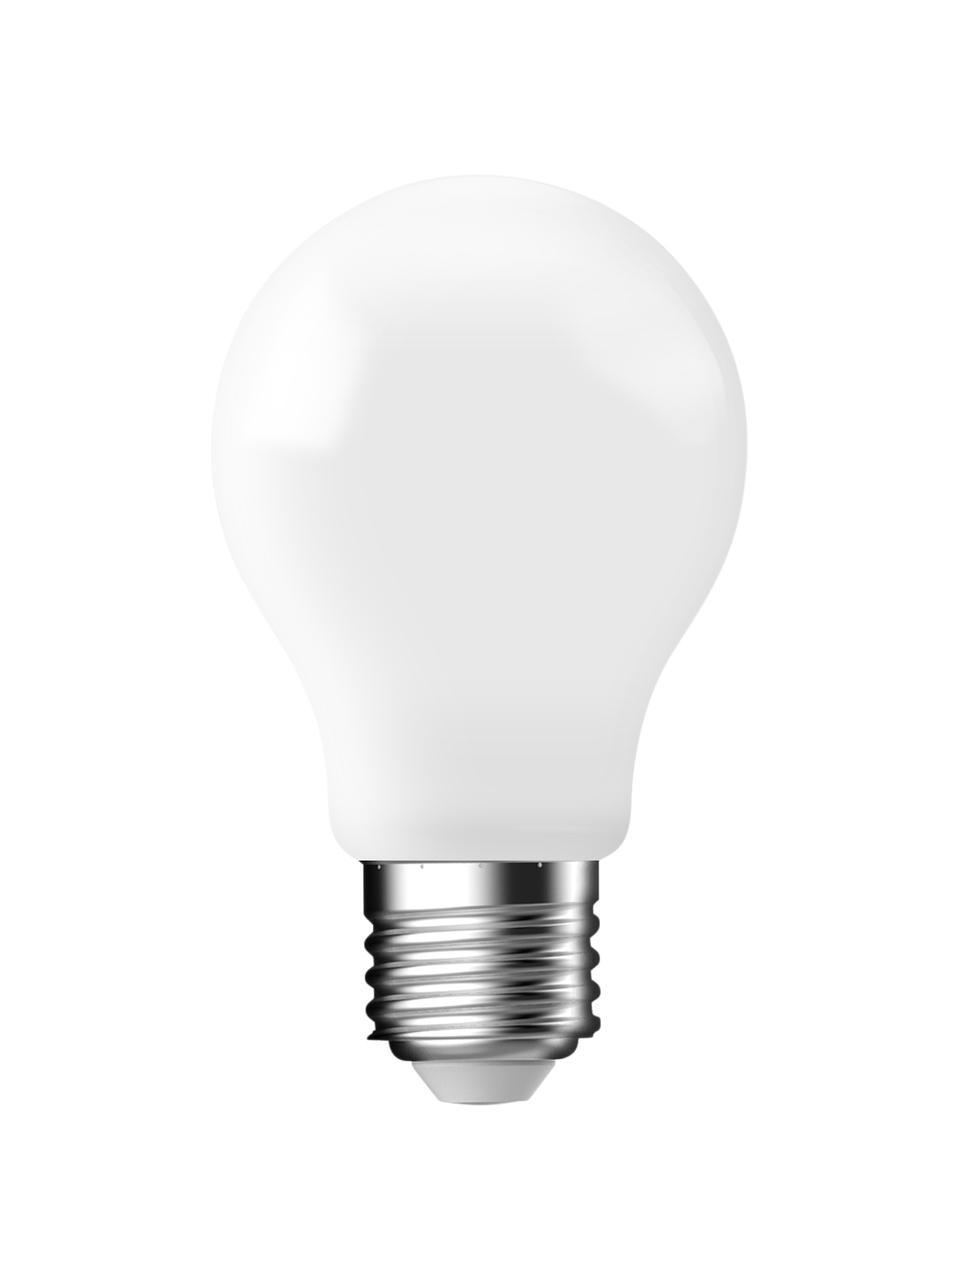 E27 Leuchtmittel, 4.6W, warmweiß, 6 Stück, Leuchtmittelschirm: Glas, Leuchtmittelfassung: Aluminium, Weiß, Ø 6 x H 10 cm